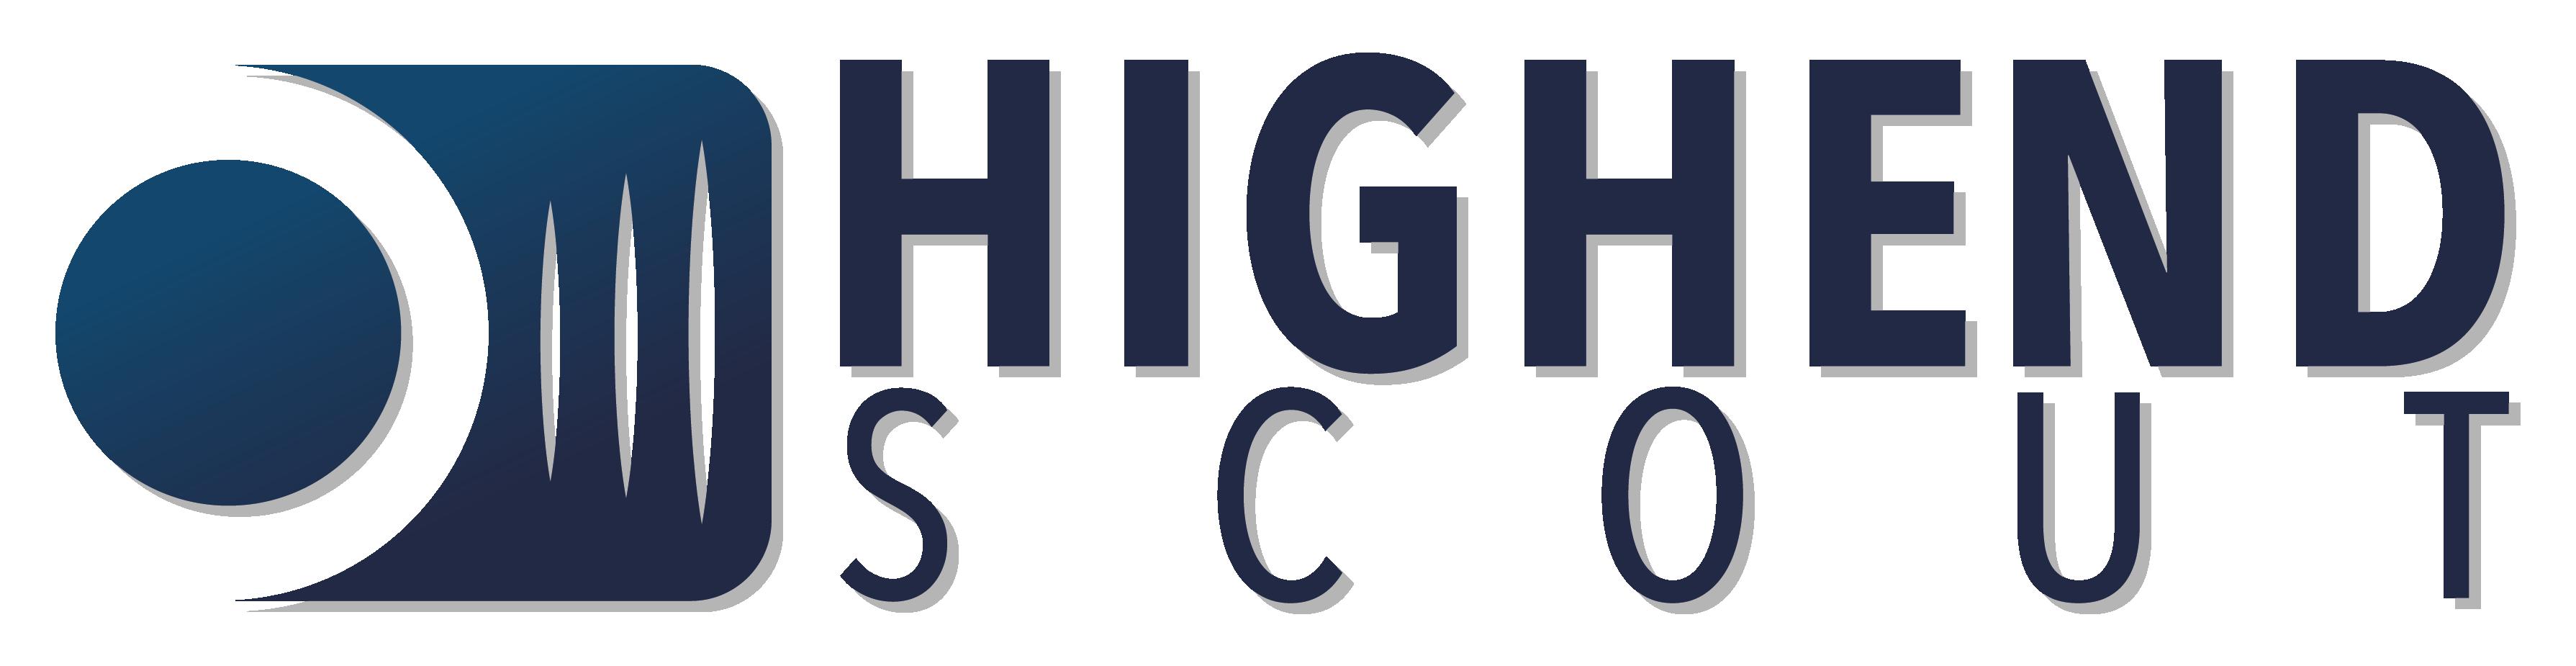 Highendscout